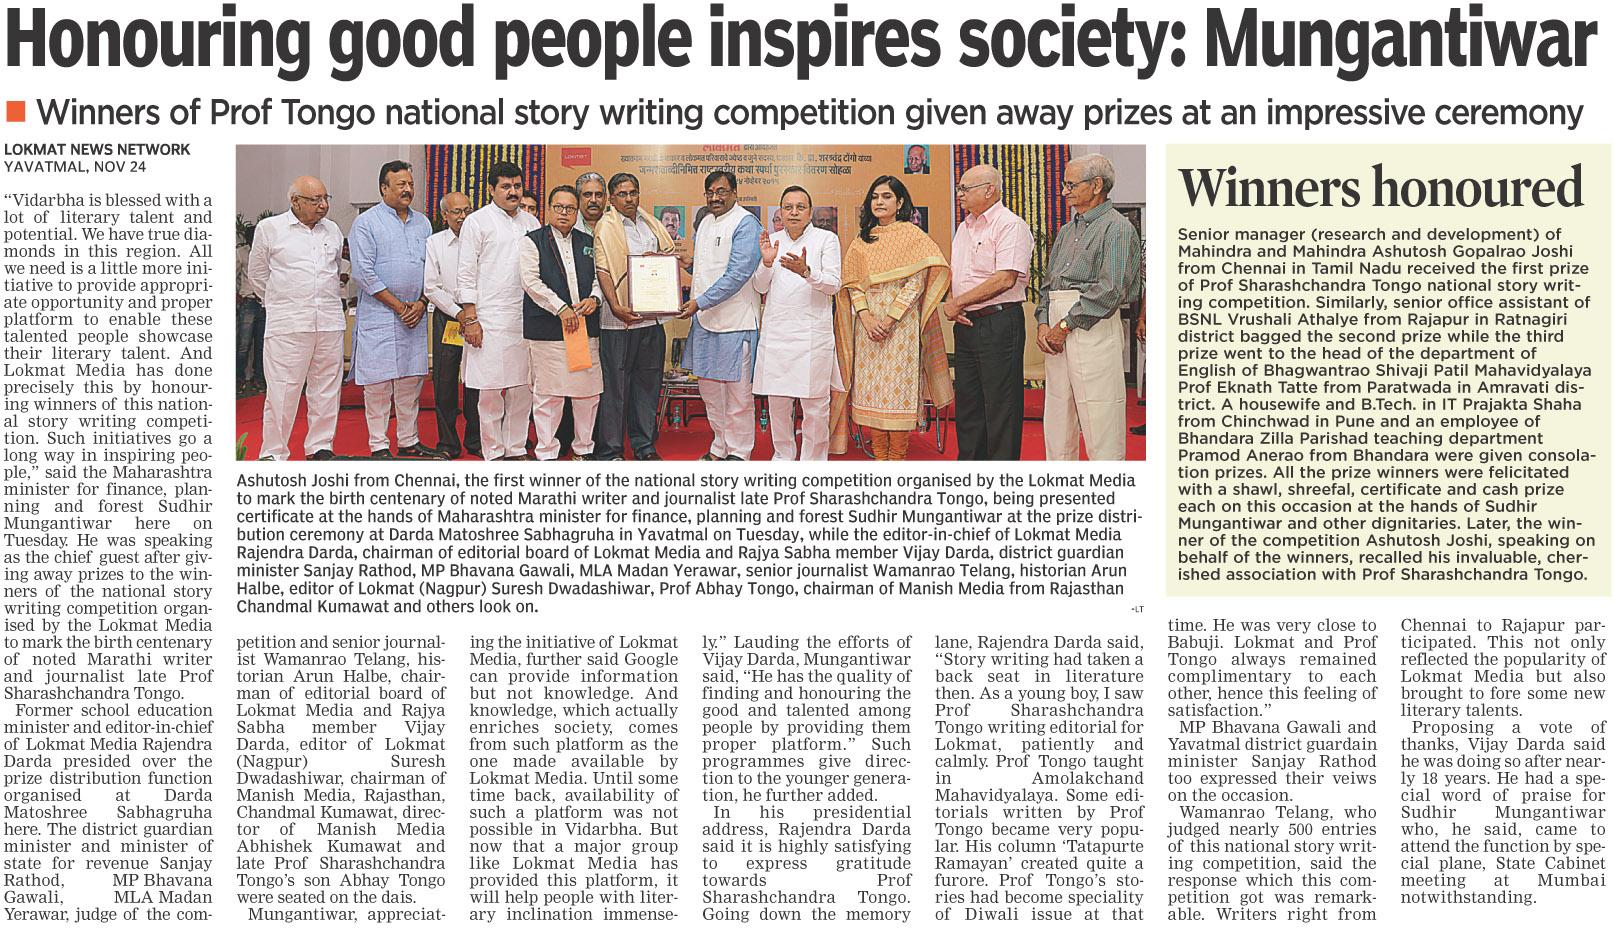 Honouring good people inspires society: Mungantiwar